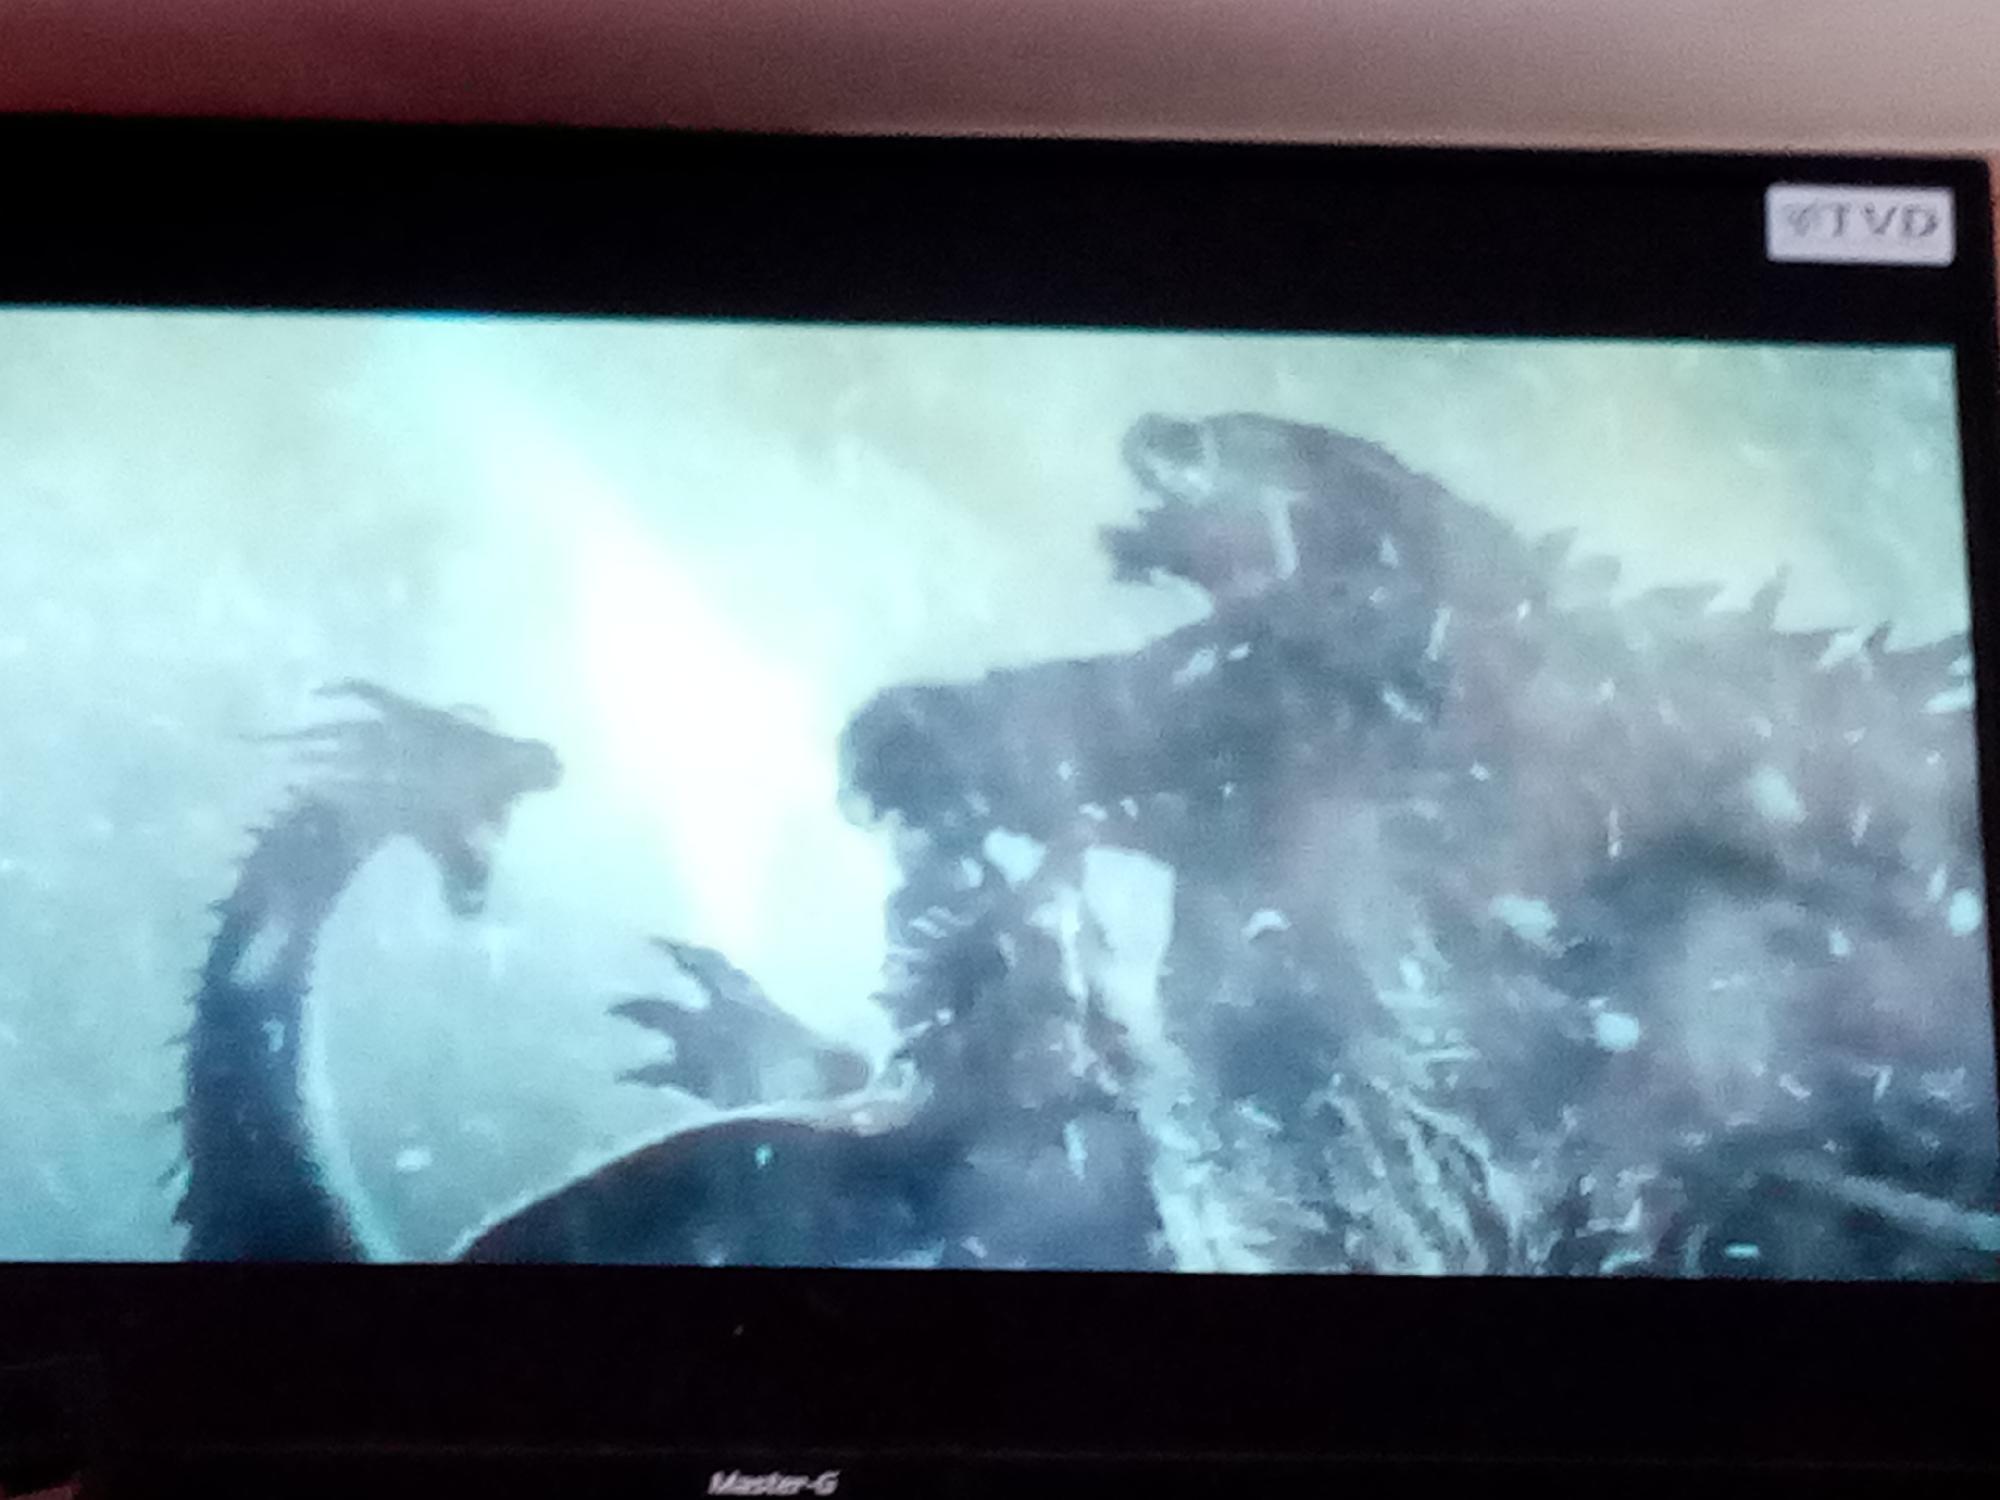 Aquí viendo como Godzilla le saca la madre a Ghidorah